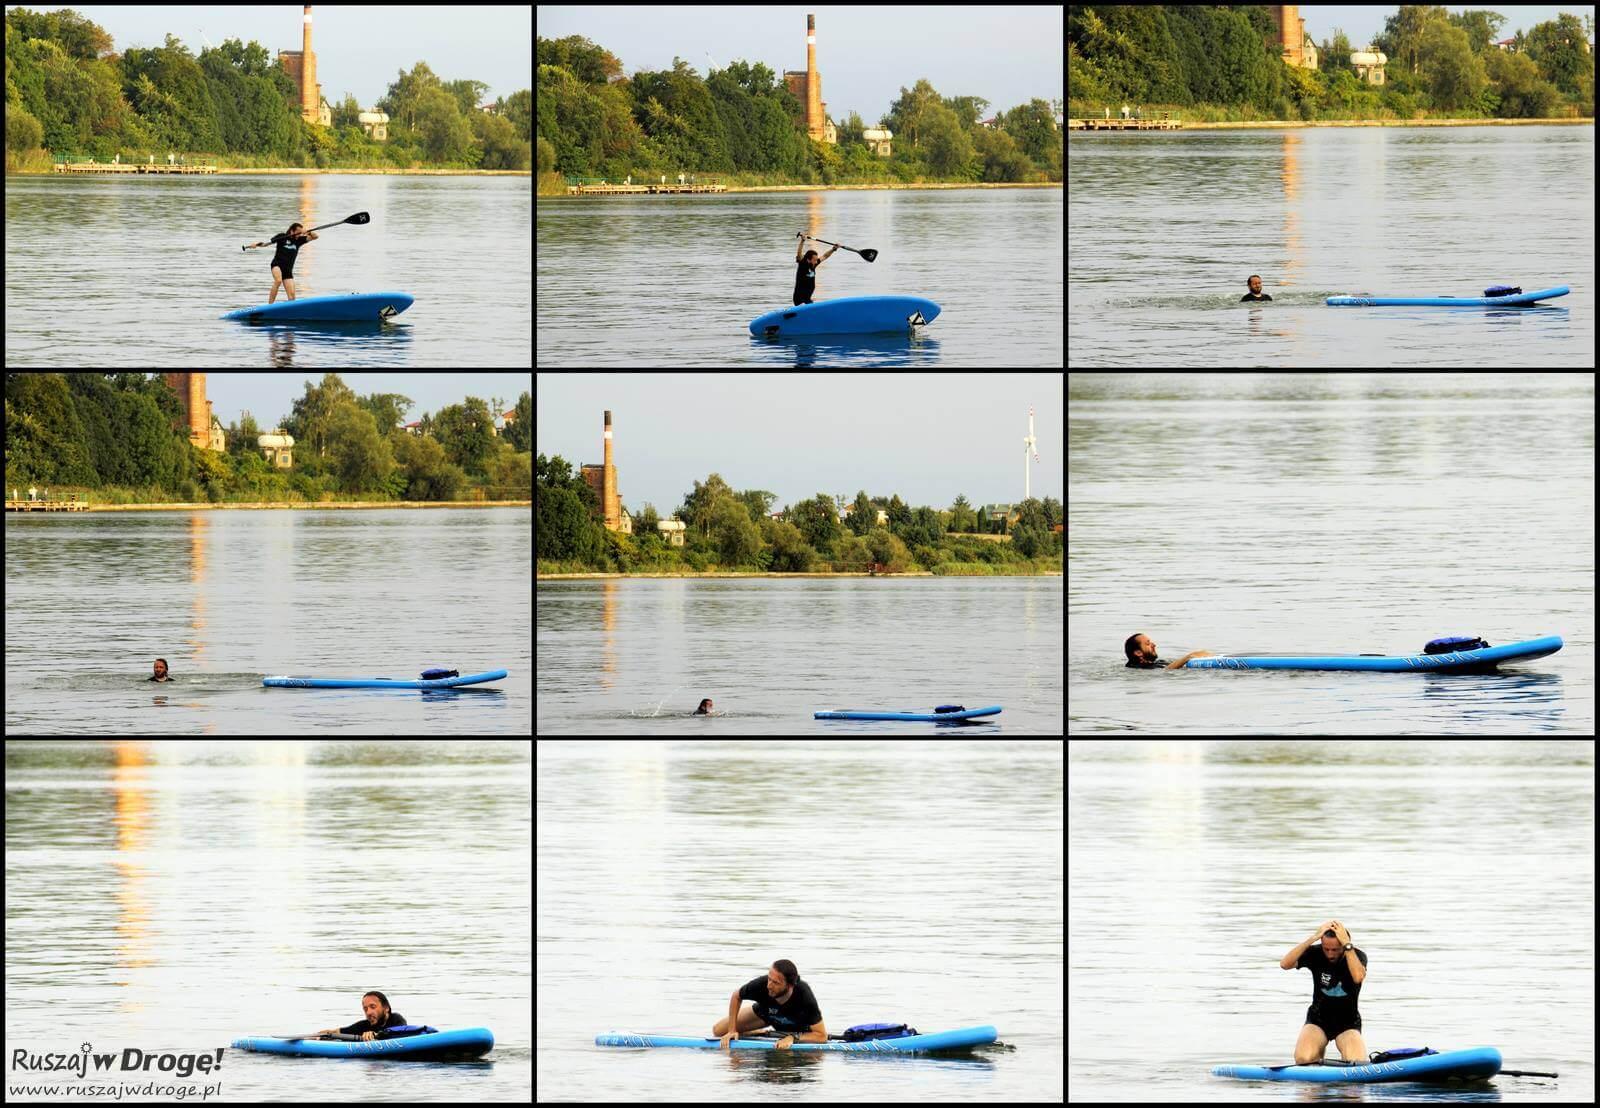 Stand Up Paddle - jakoś trzeba było prowokować tę mało dynamiczną dyscyplinę! fot. www.ruszajwdroge.pl